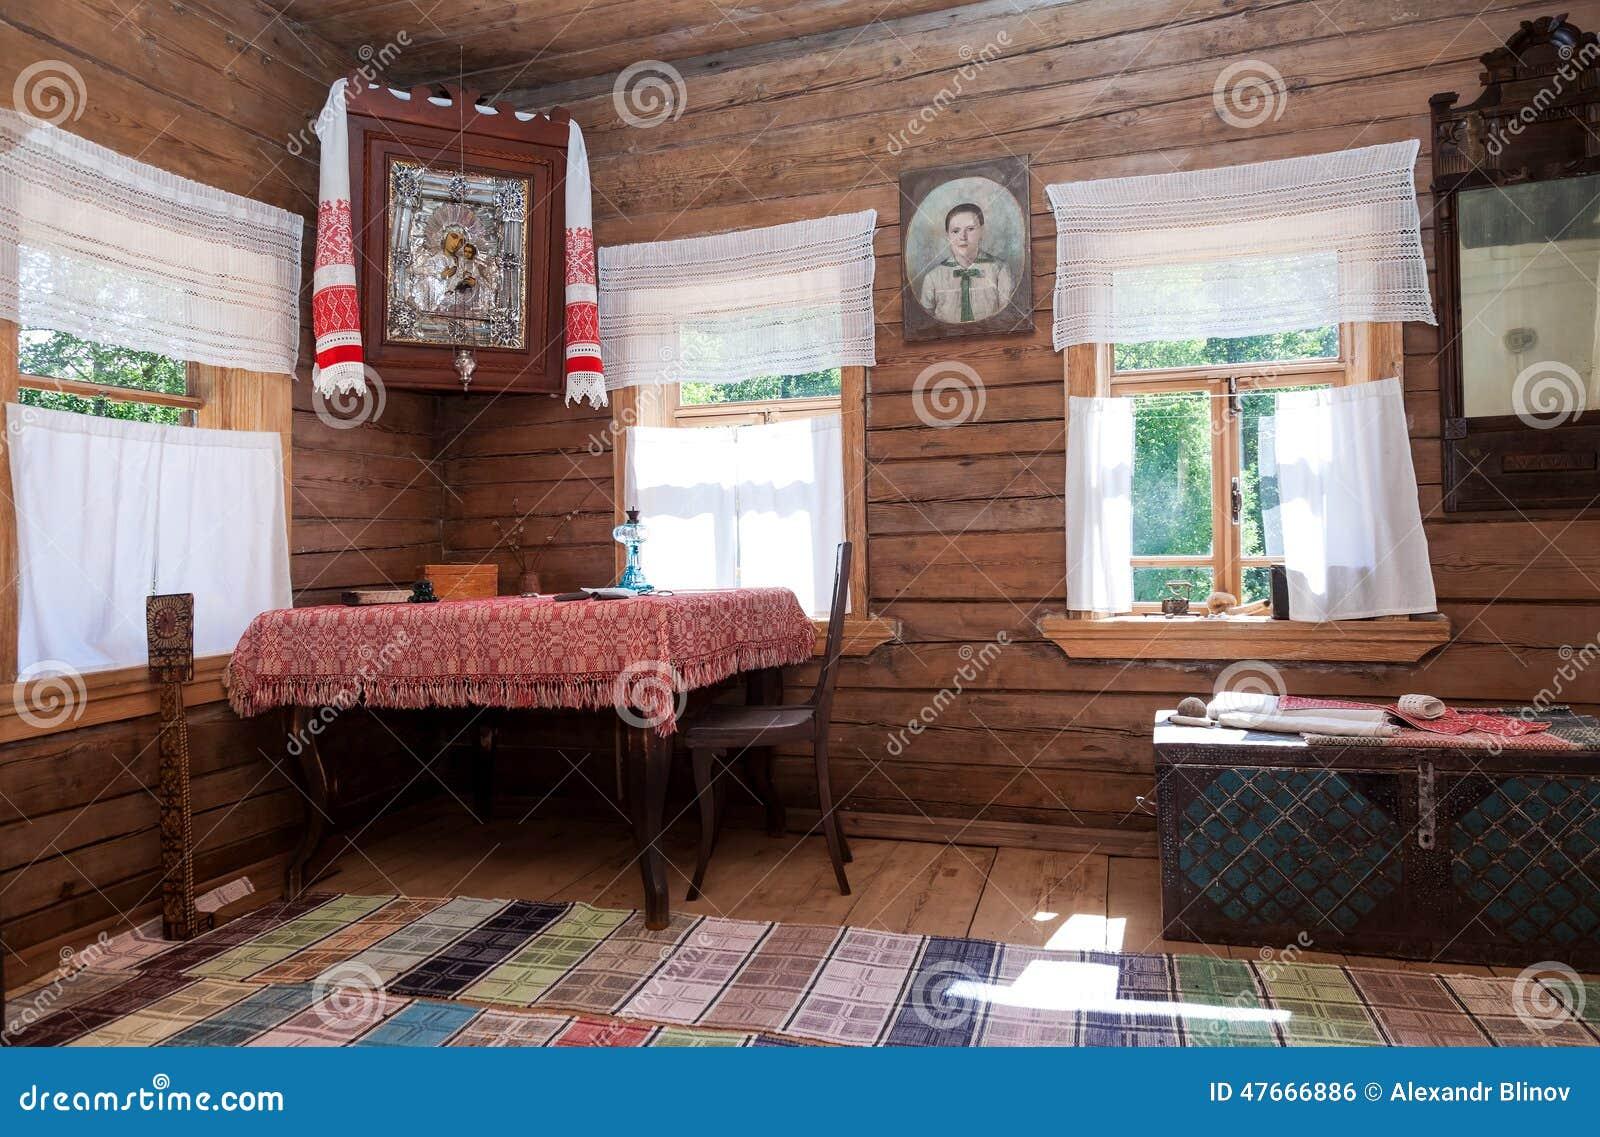 Images Interieur De Vieille Maison En Bois Rurale Telechargez 97